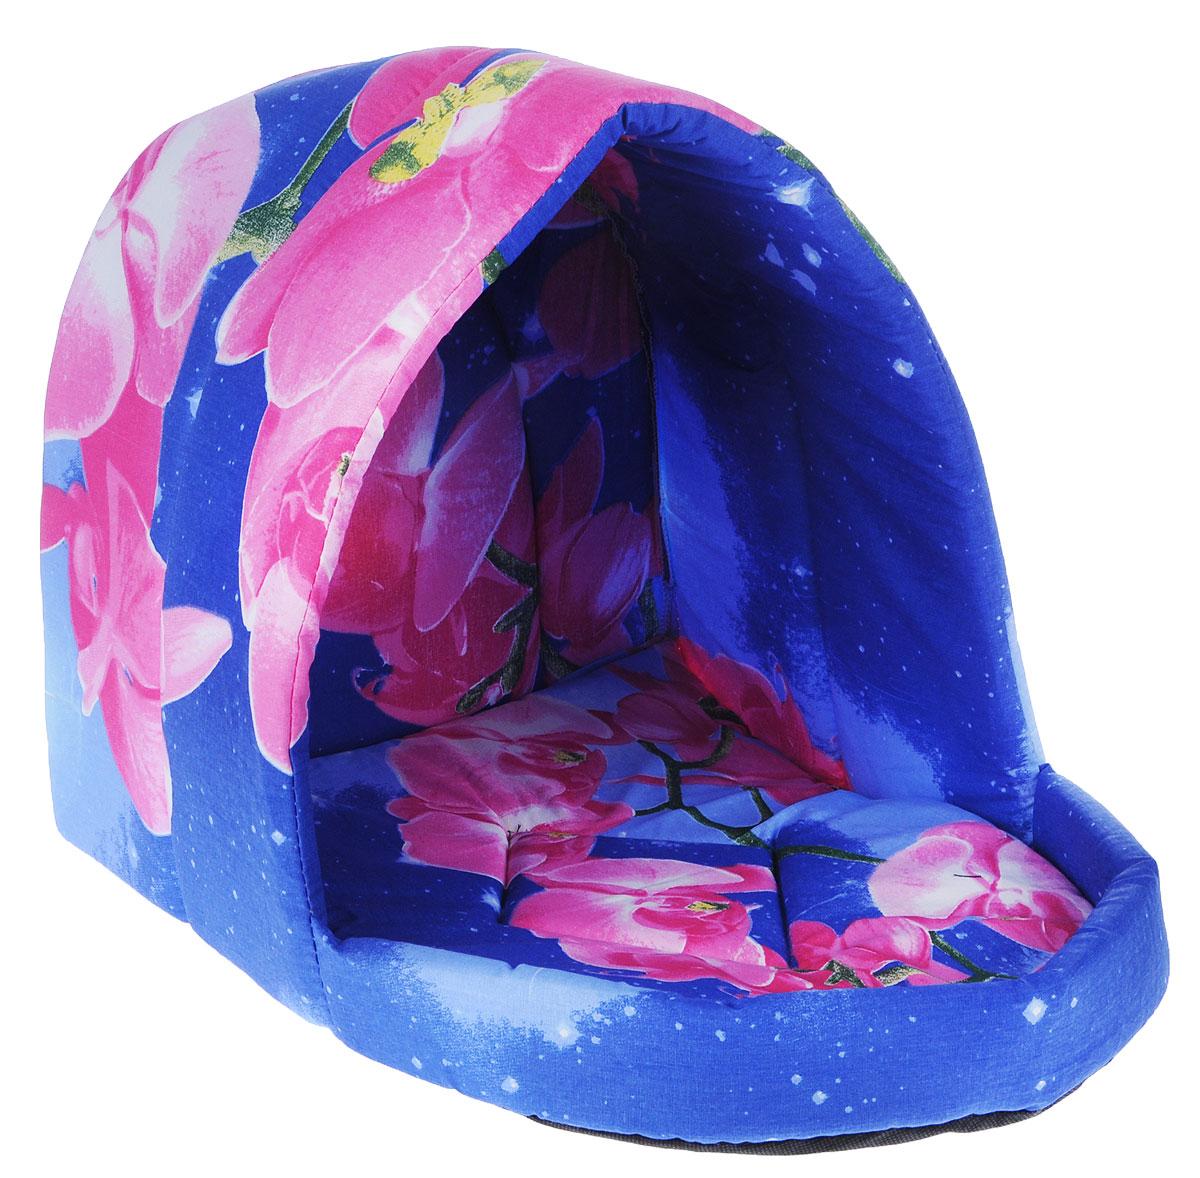 Лежак для животных Elite Valley  Люлька , цвет: синий, розовый, 50 х 38 х 38 см. Л-11/4 - Лежаки, домики, спальные места